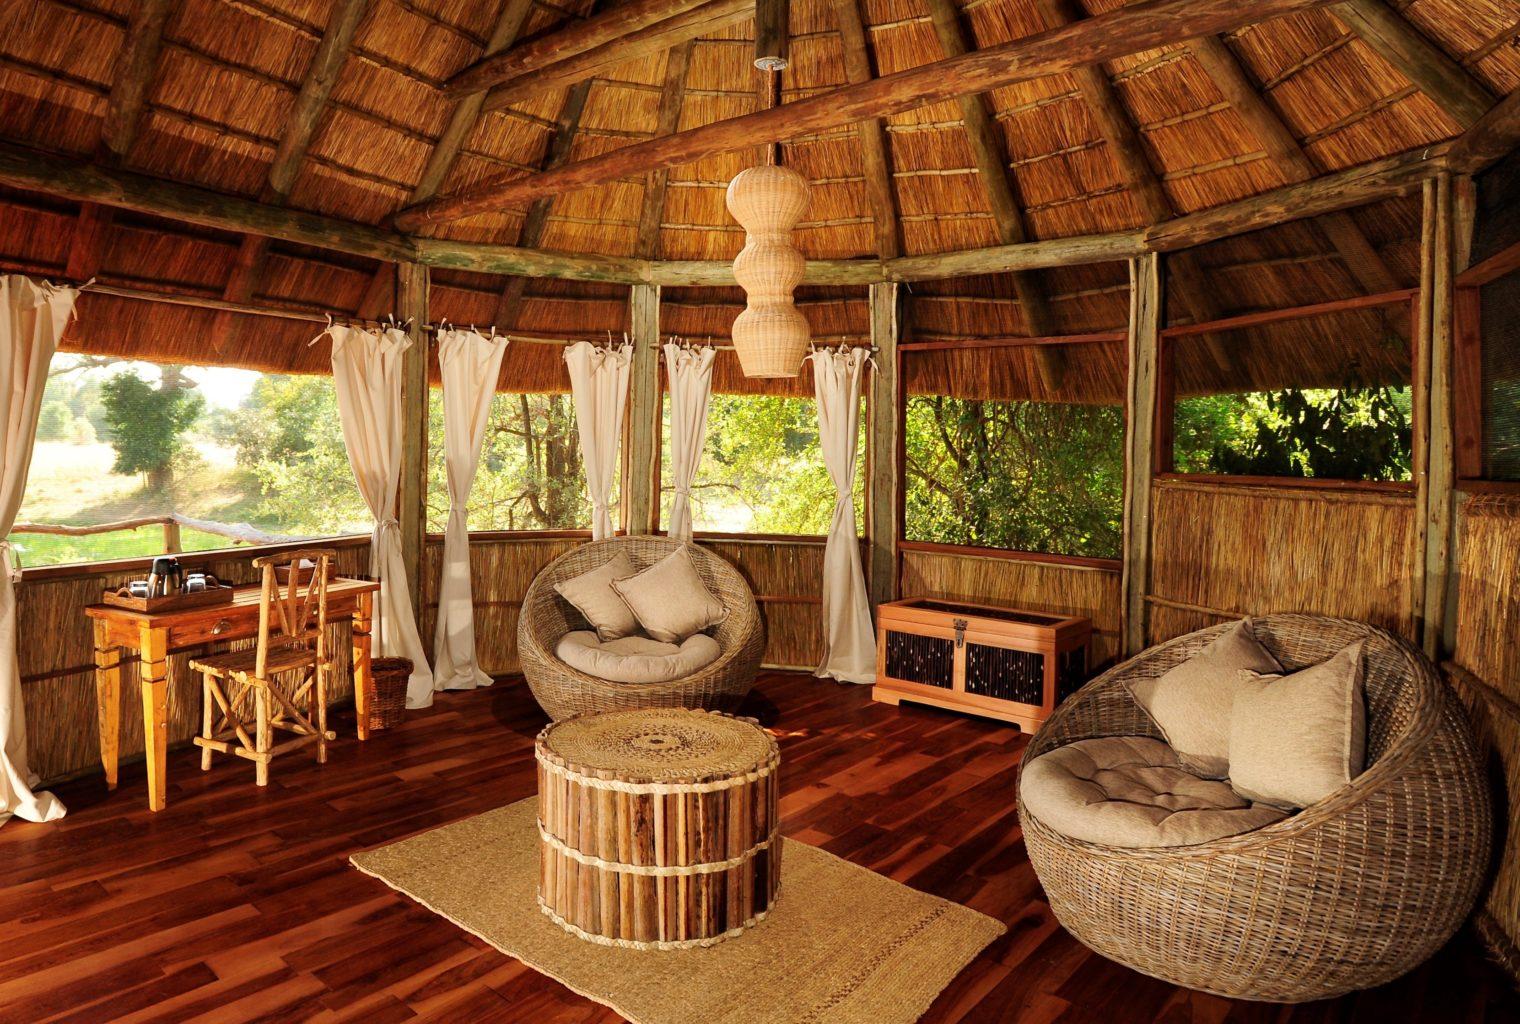 Bilimungwe Camp Zambia Lounge